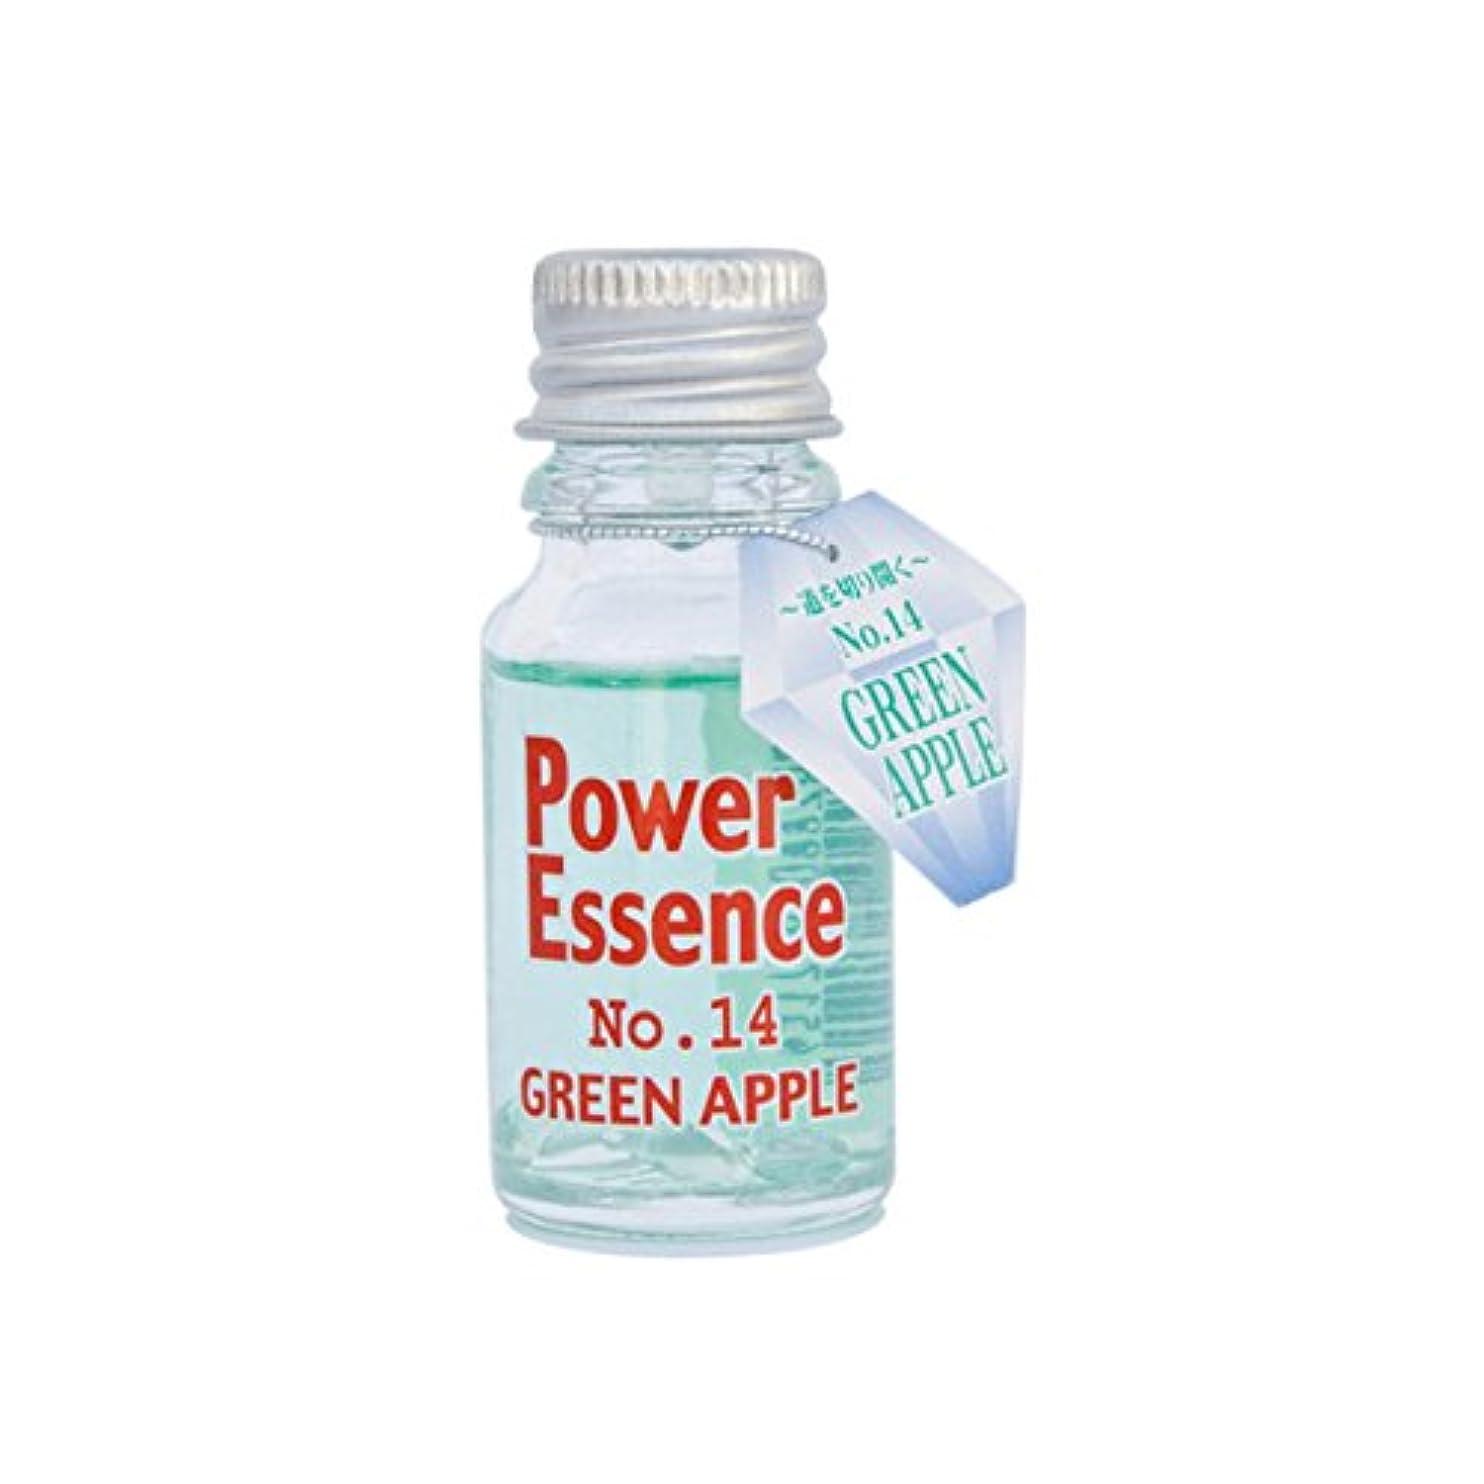 口径異常なこするパワーエッセンス No.14 グリーンアップル